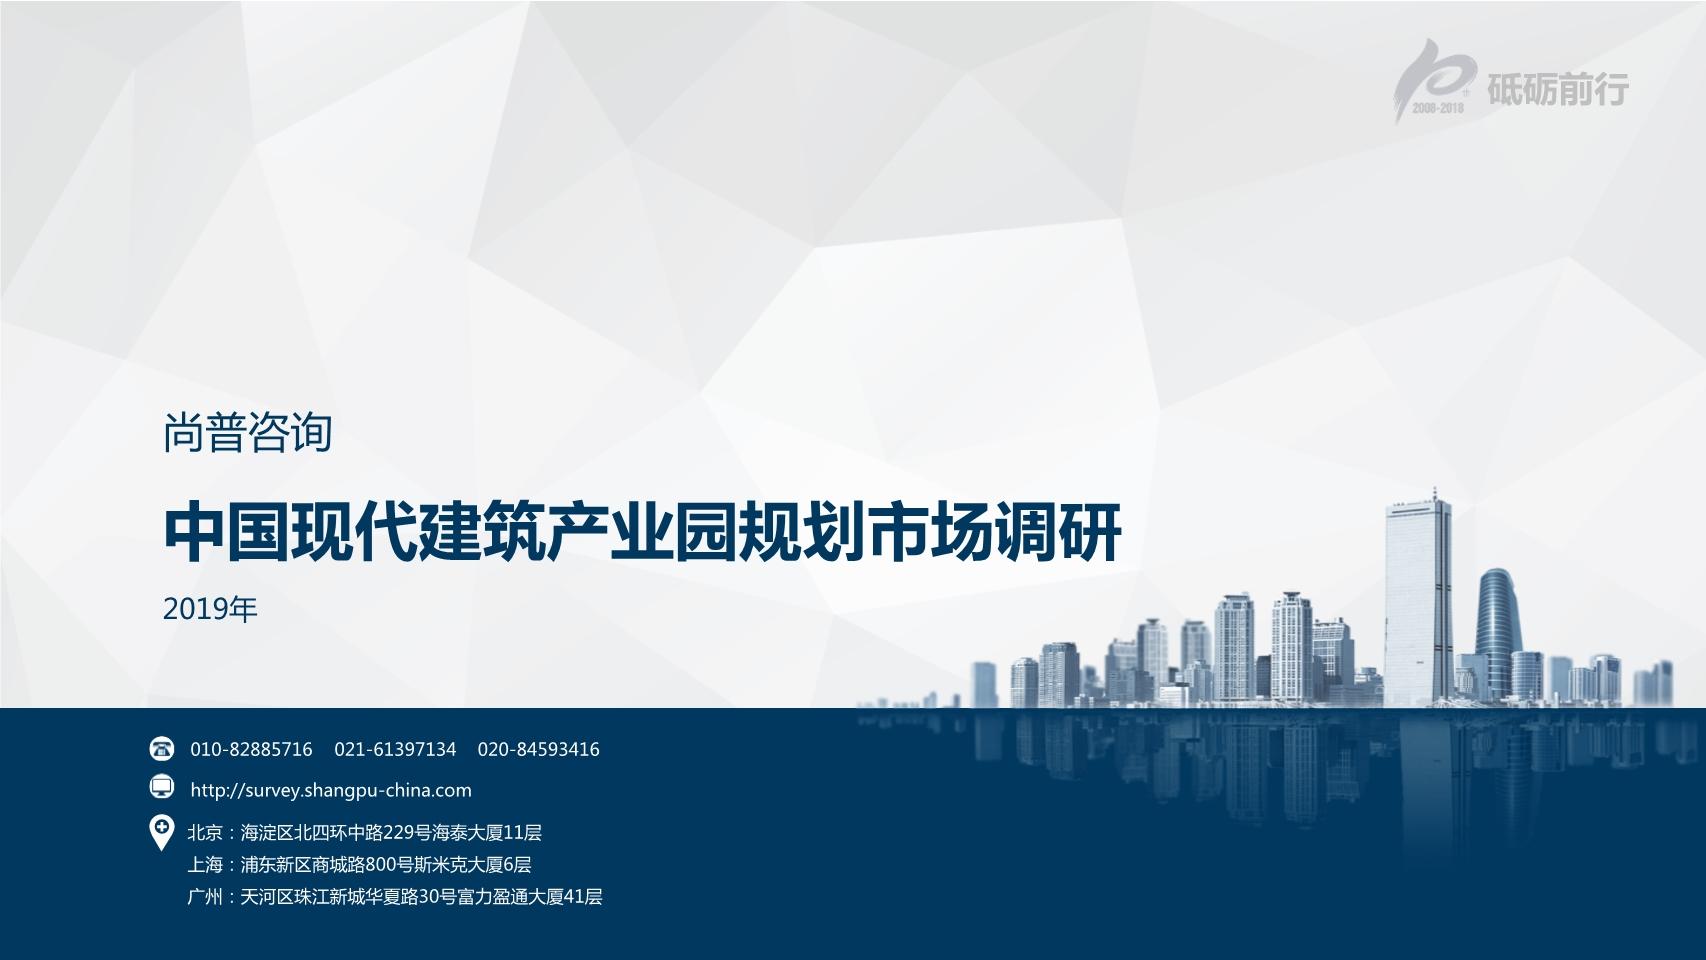 尚普咨询-中国现代建筑产业园规划市场调研